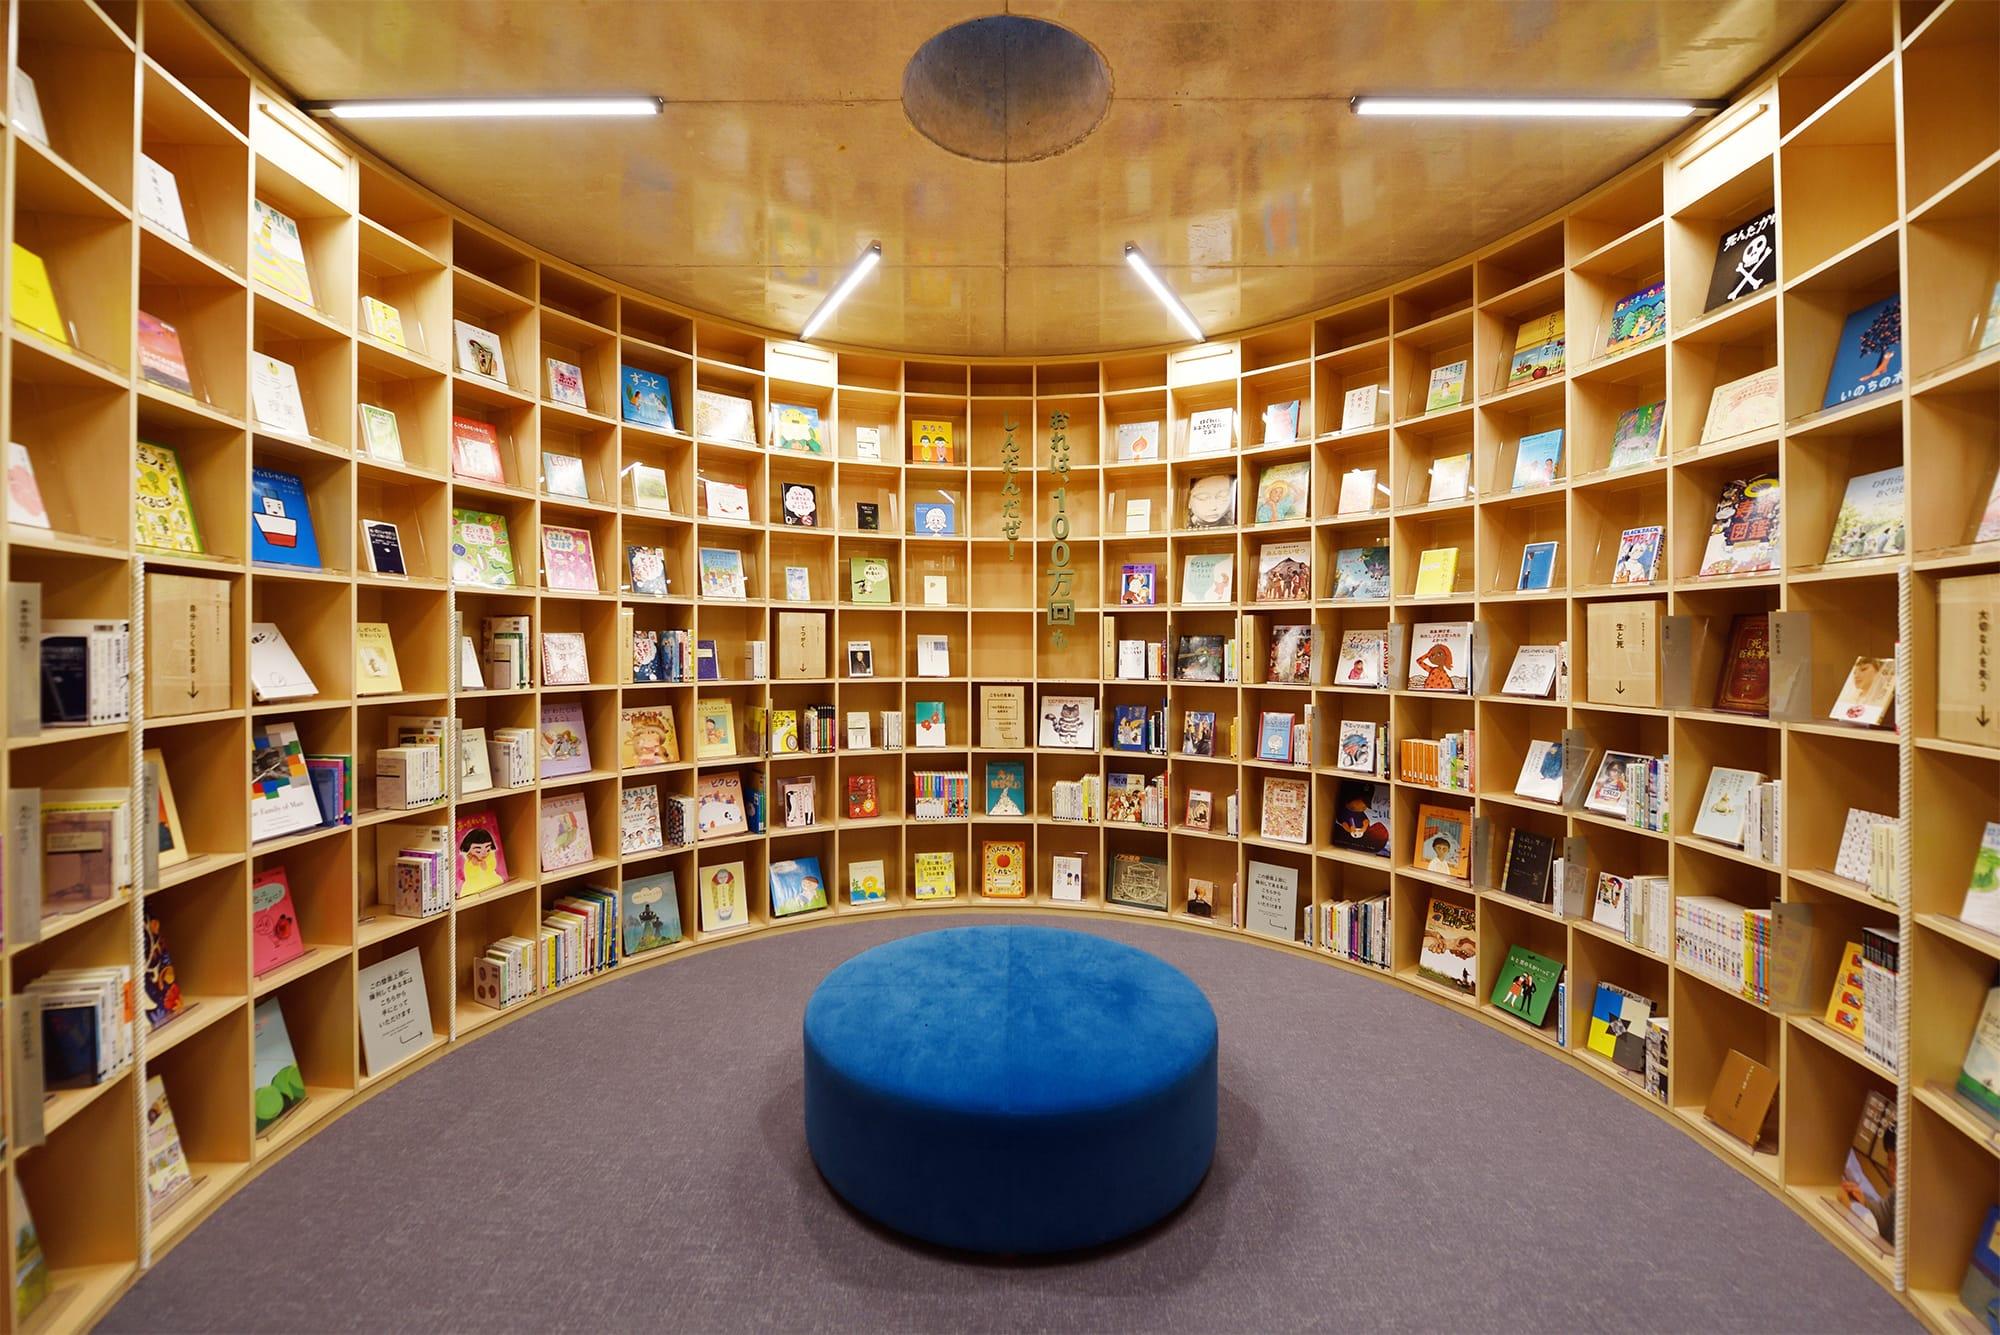 横穴から潜り込むようにして入る円形の書架は、輪廻をイメージした配架に。1人静かに心を落ち着けて読書が楽しむこともできる。